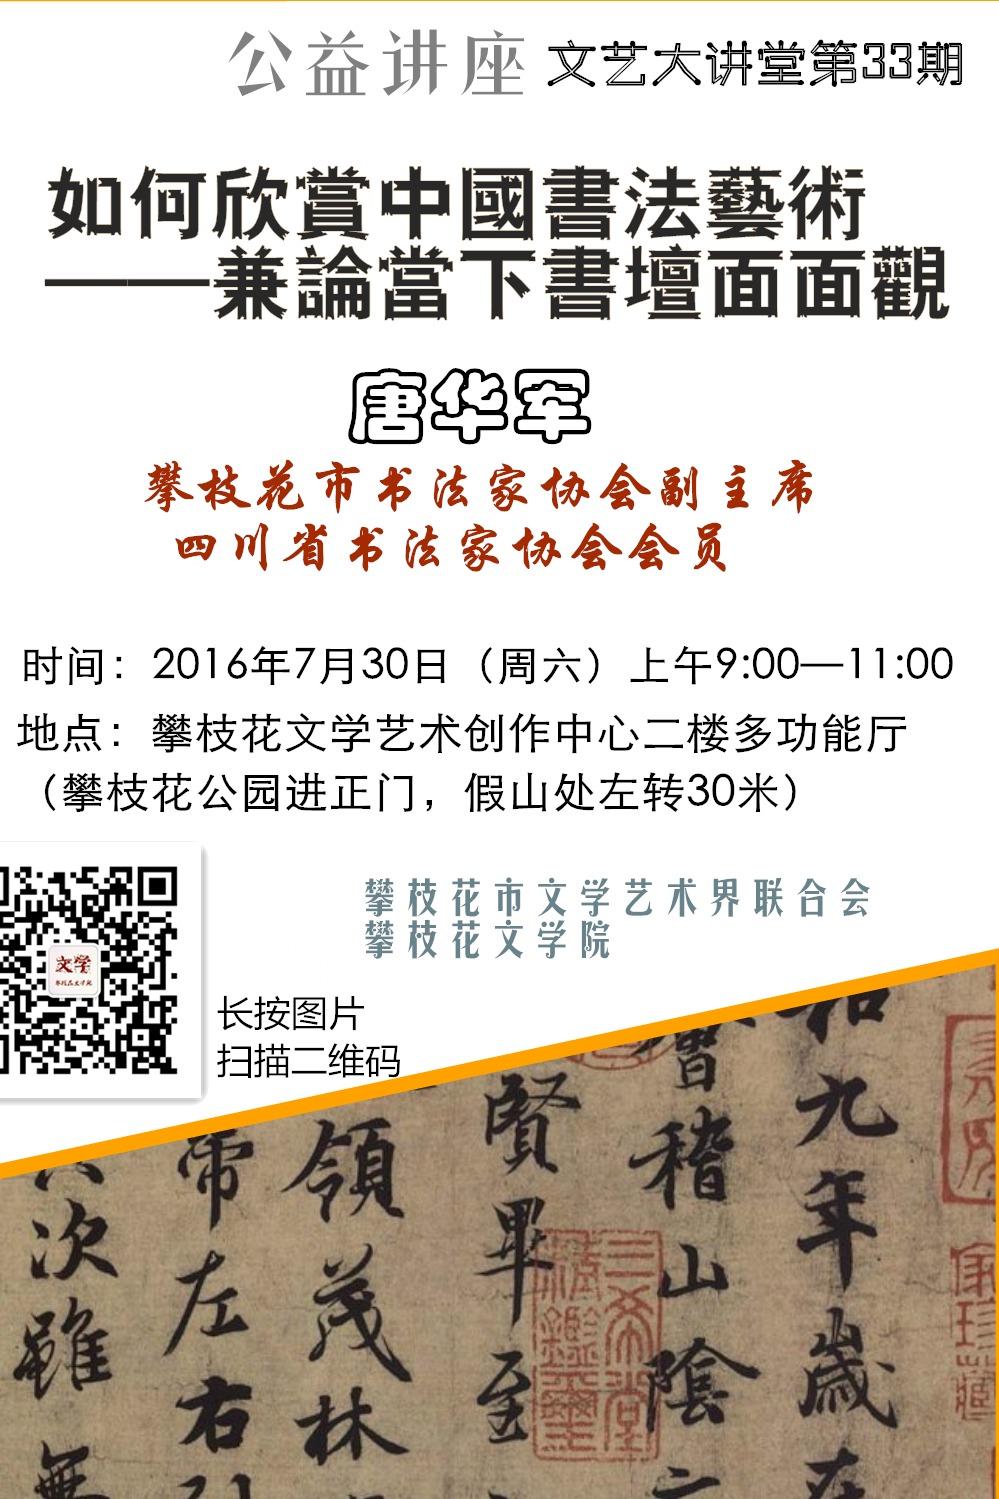 7月30日文艺公益讲座:如何欣赏中国书法艺术